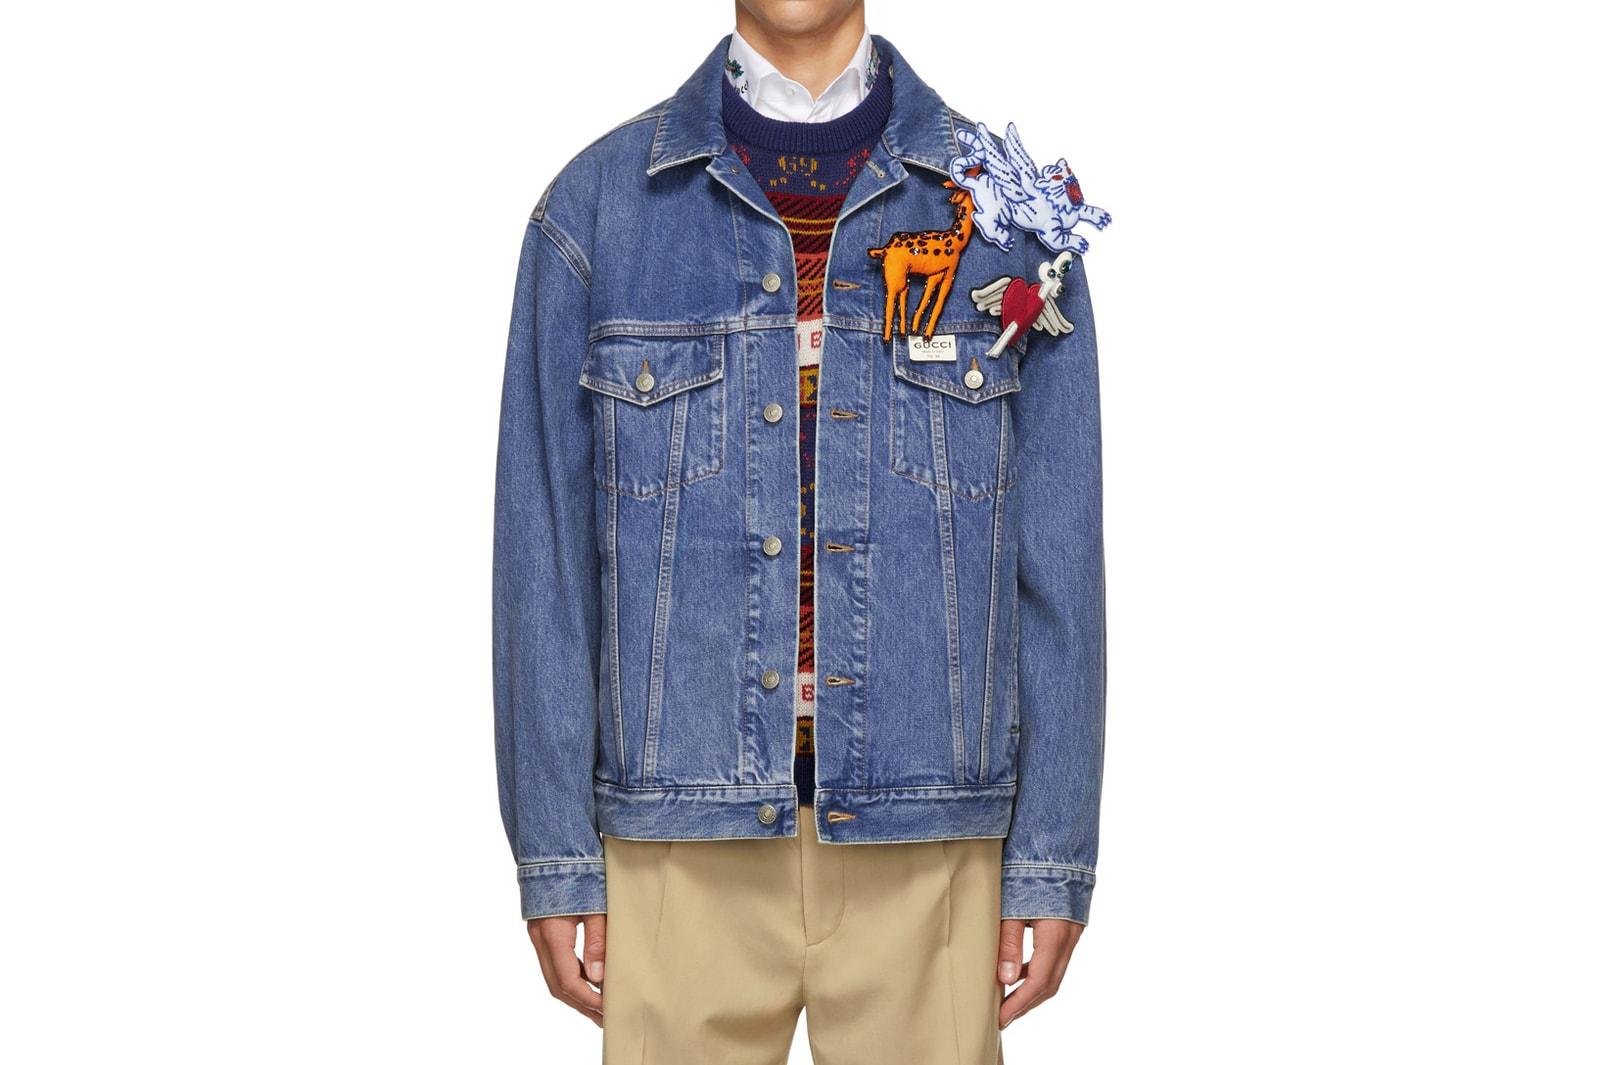 本日 6 款嚴選 Denim Jacket 牛仔外套入手推介